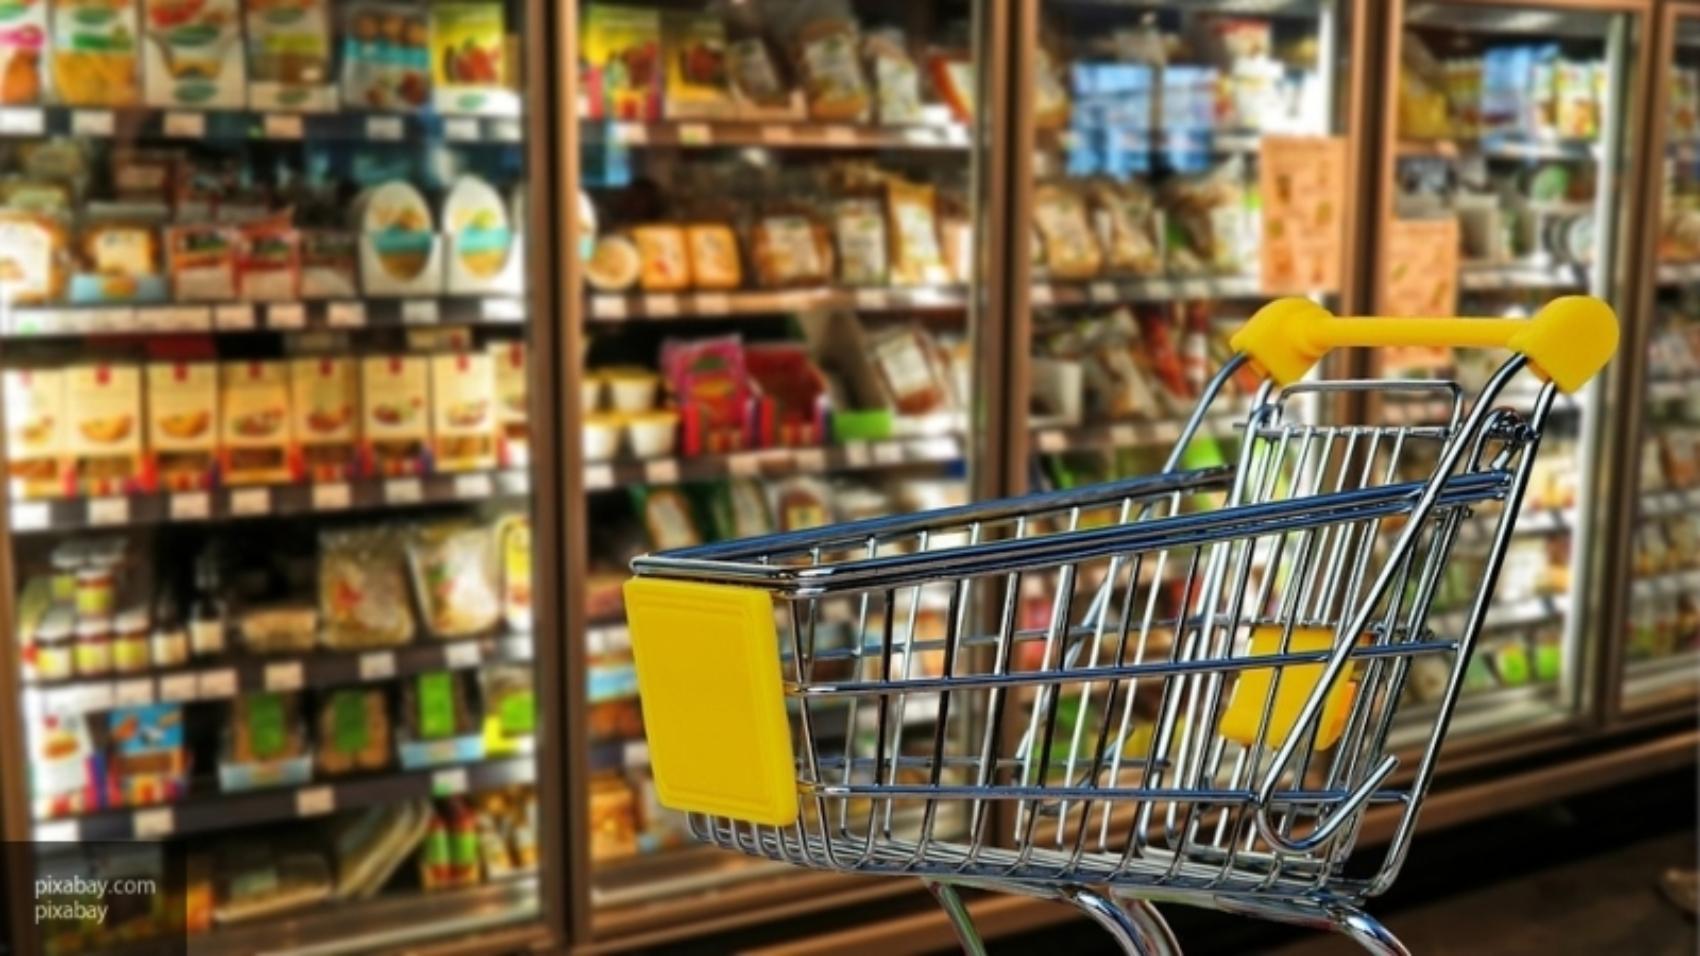 попроавки минфин приведут к закрытию магазинов